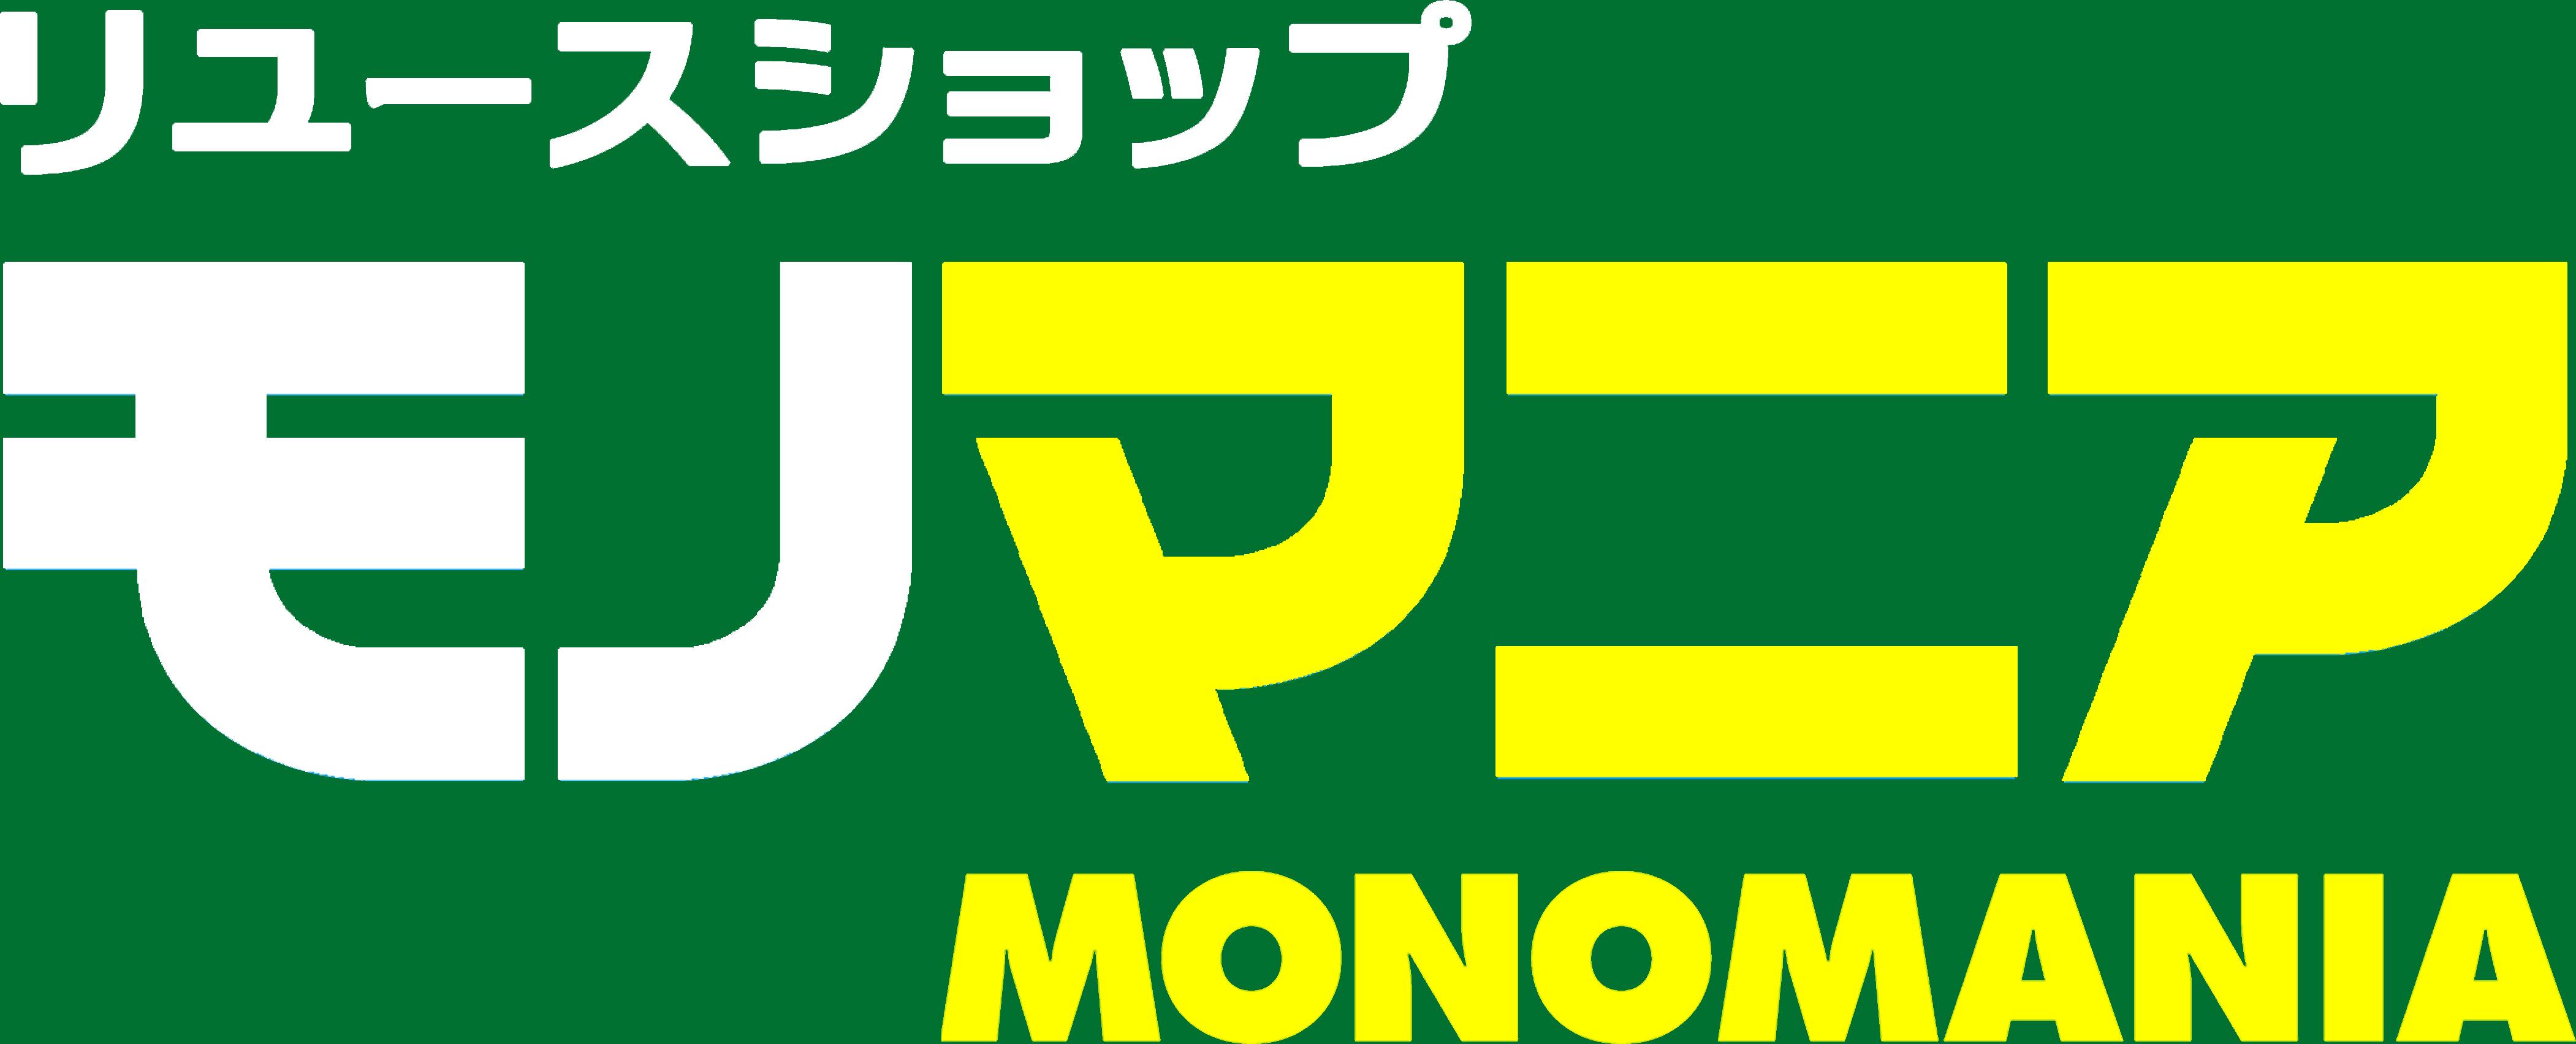 モノマニア